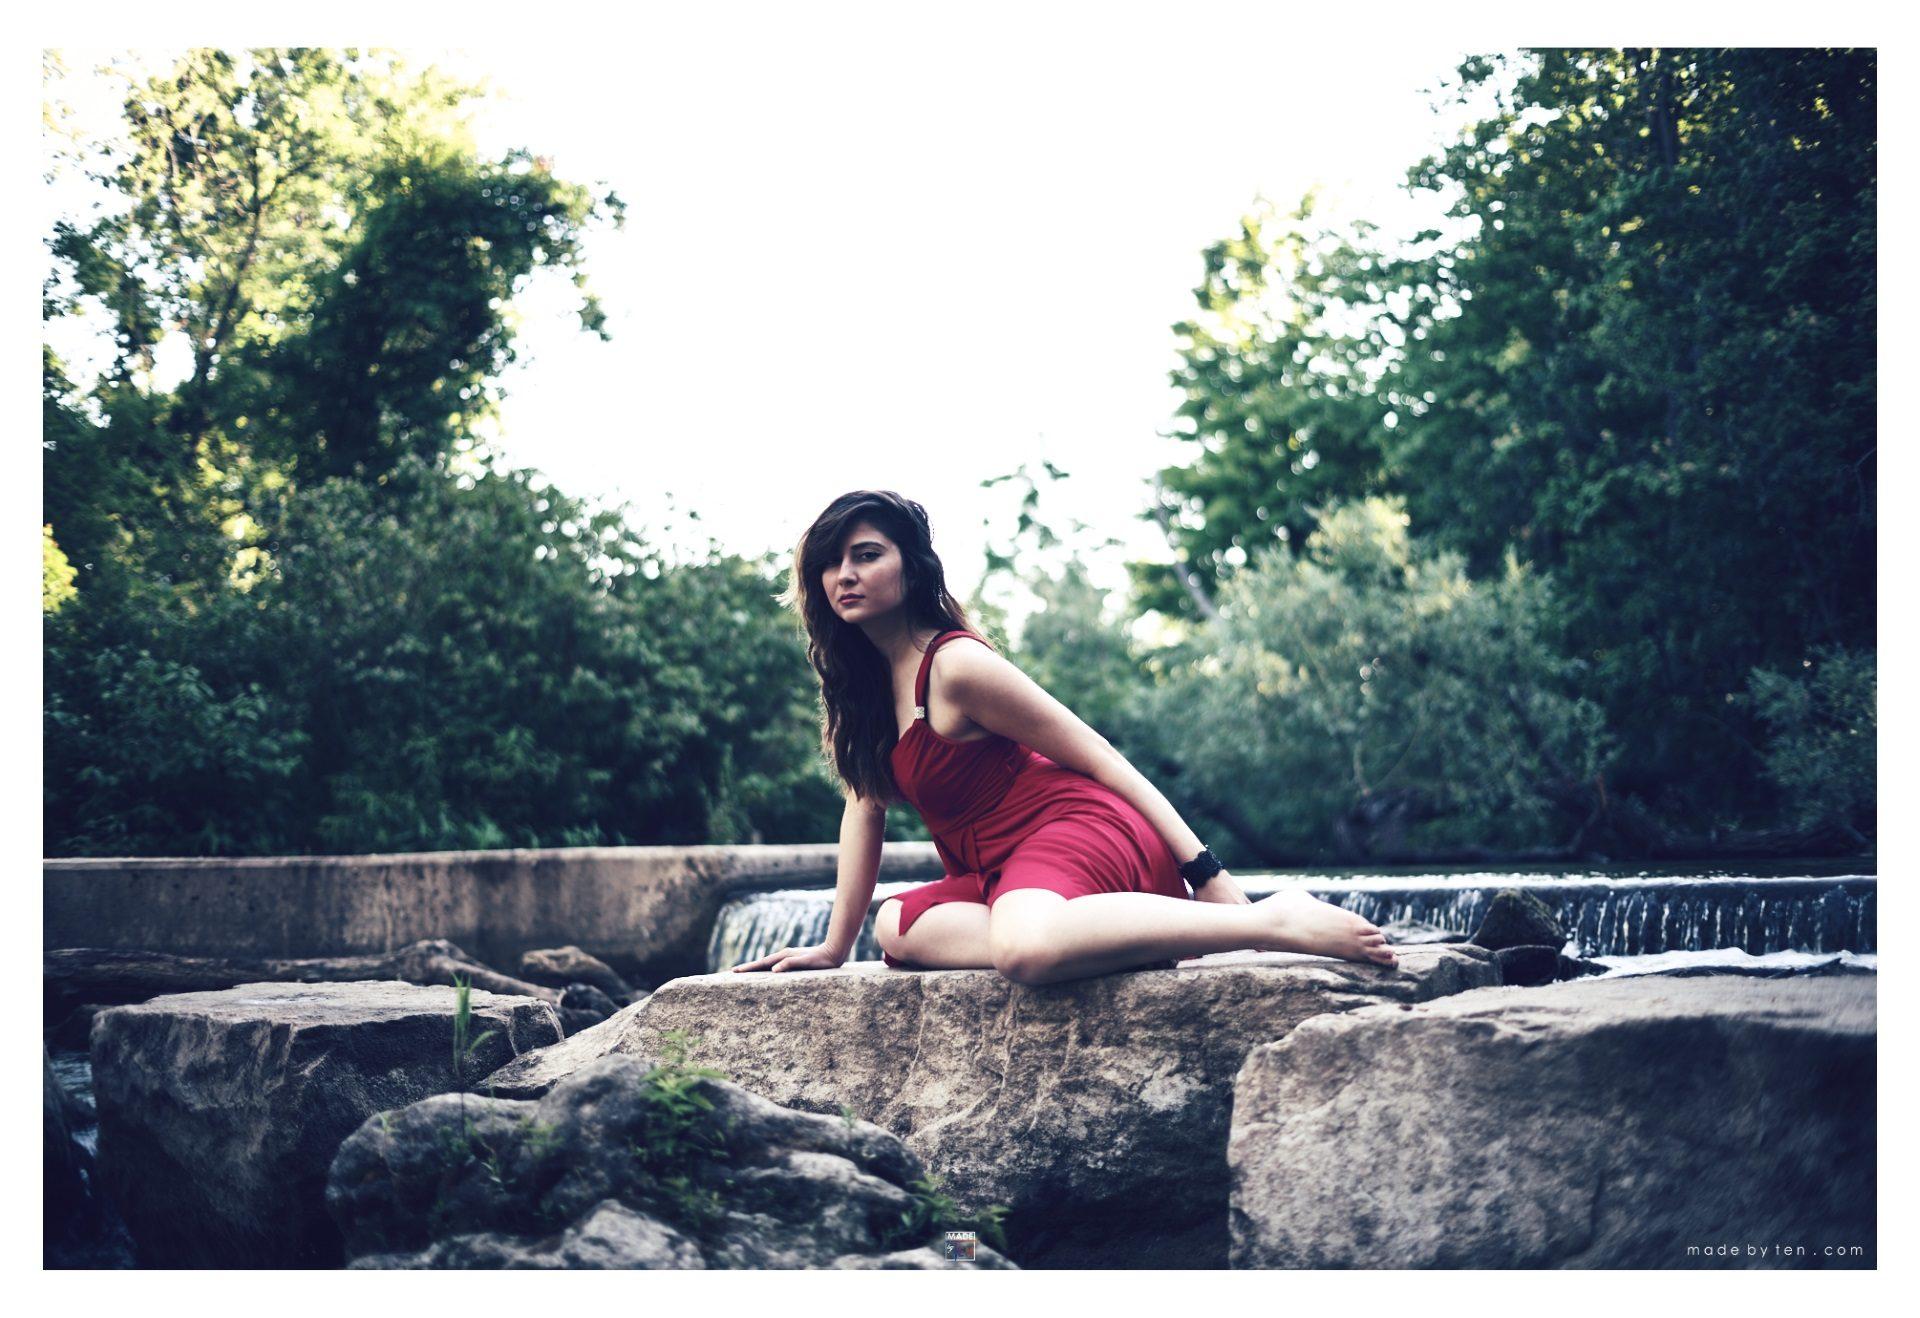 Woman Creek Rocks - GTA Women Lifestyle Photography